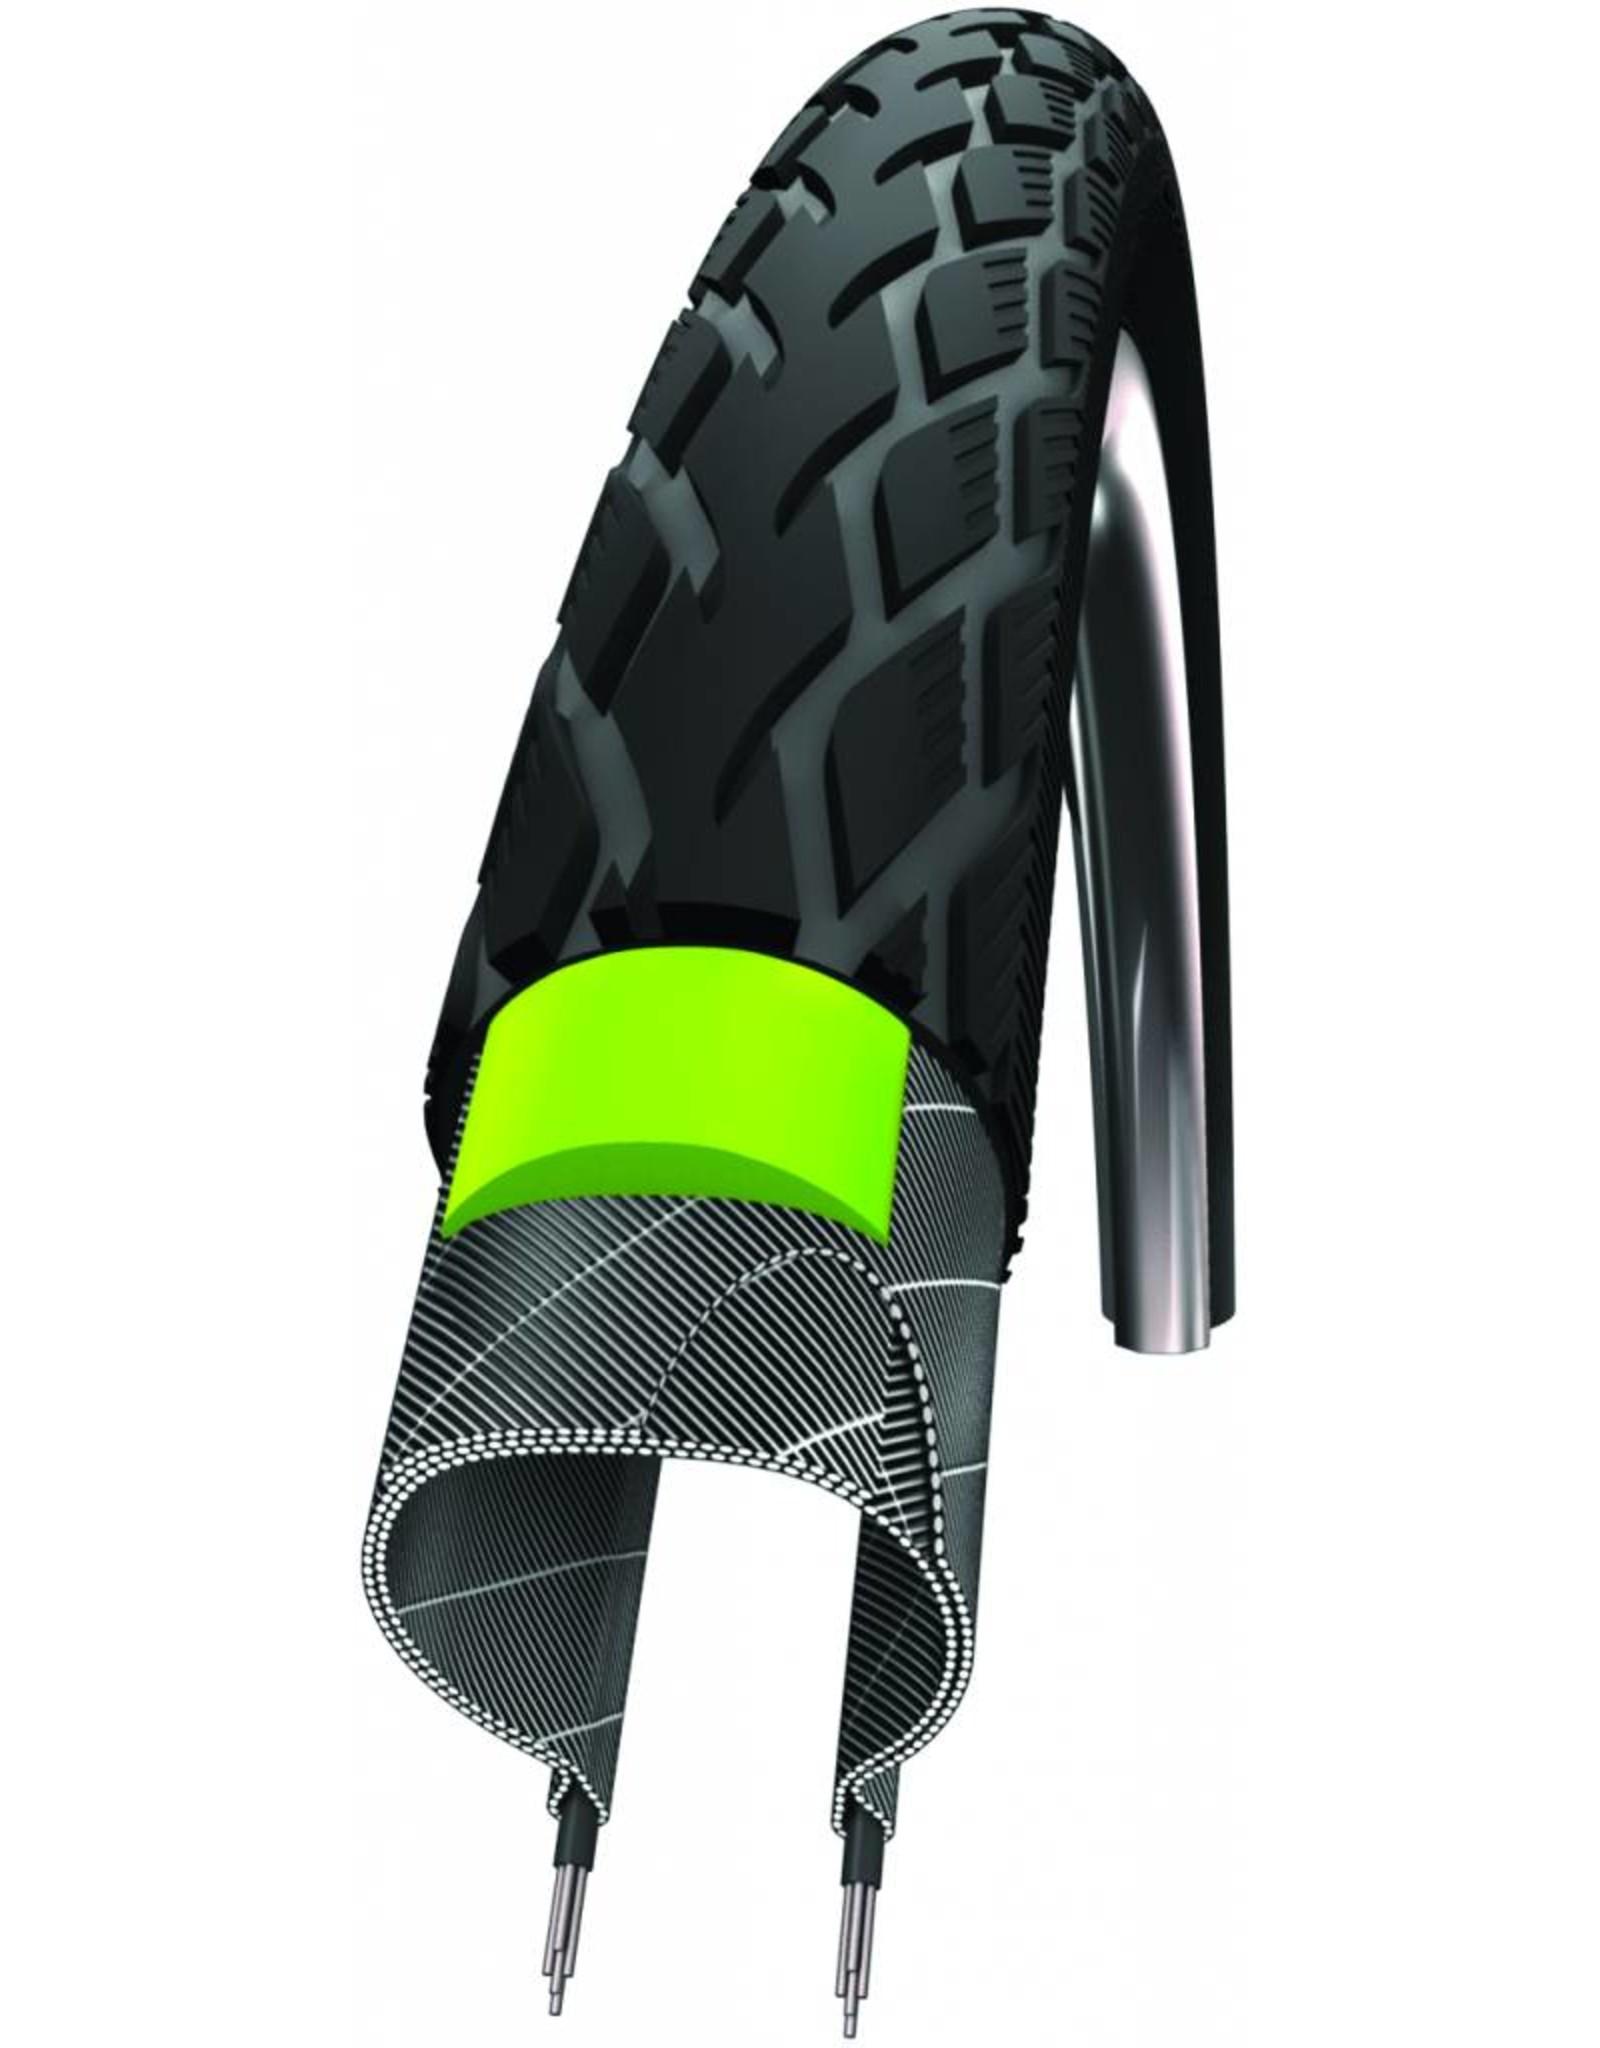 SCHWALBE Schwalbe Marathon Reflex / Greenguard 20 x 1.50 Tire